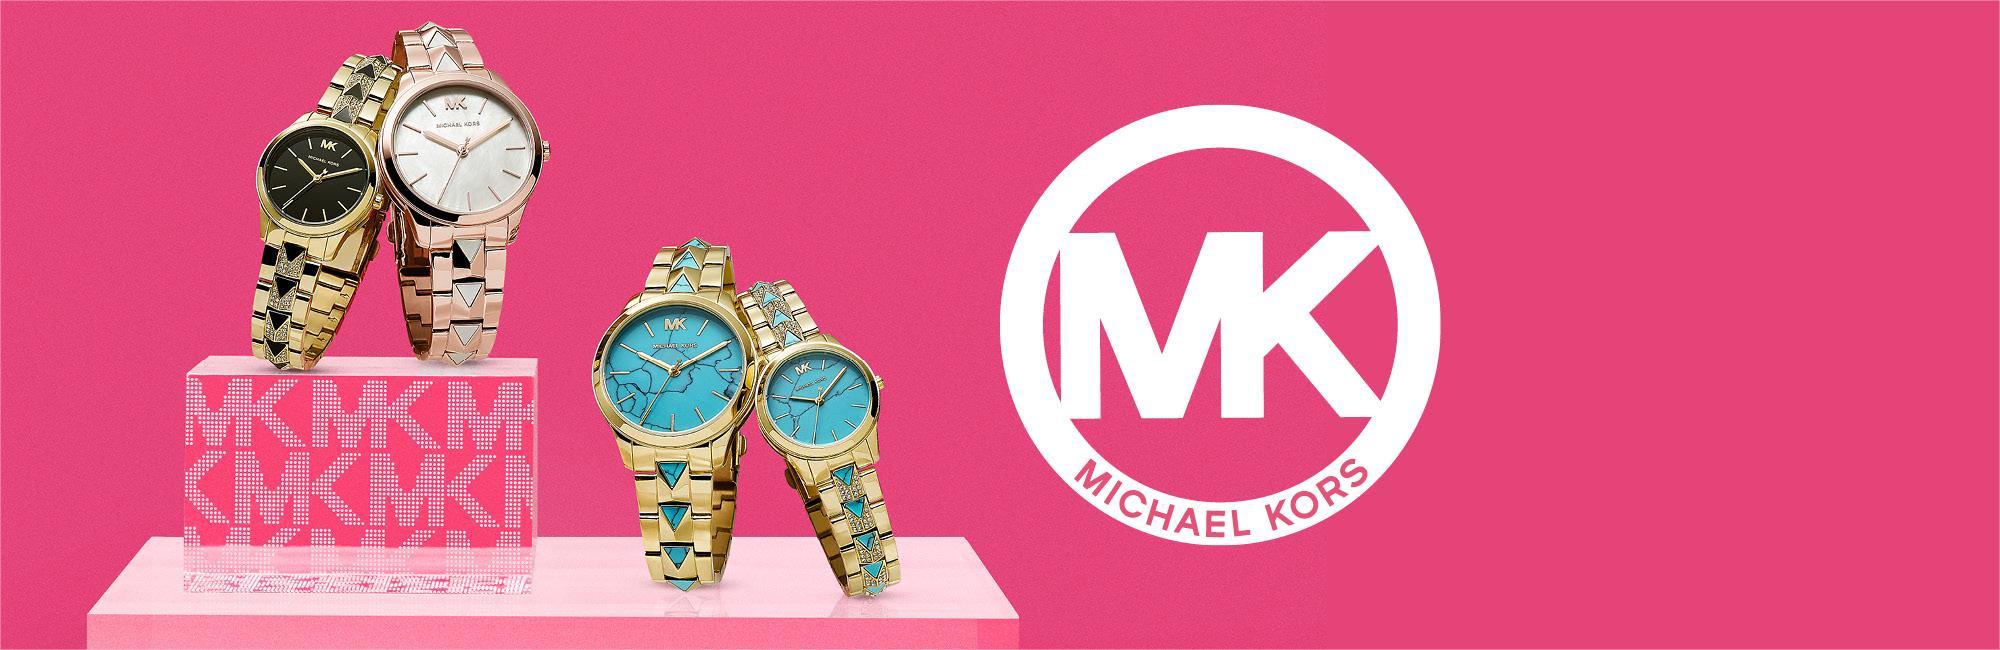 b515e1f169 Objednat hodinky a šperky Michael Kors online